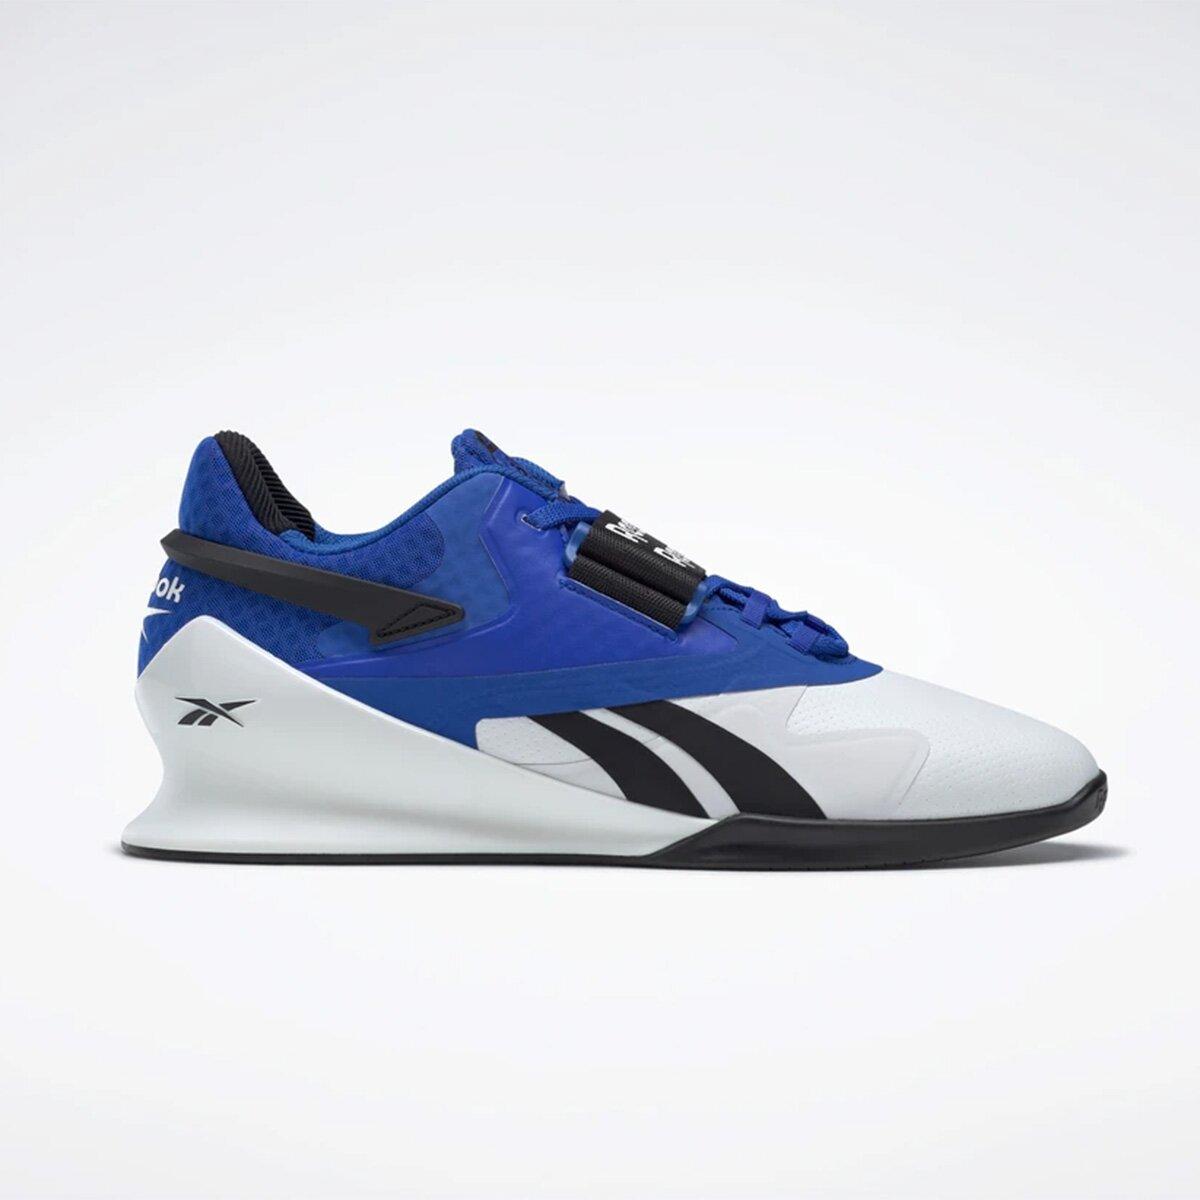 Better Shoes for Better Training